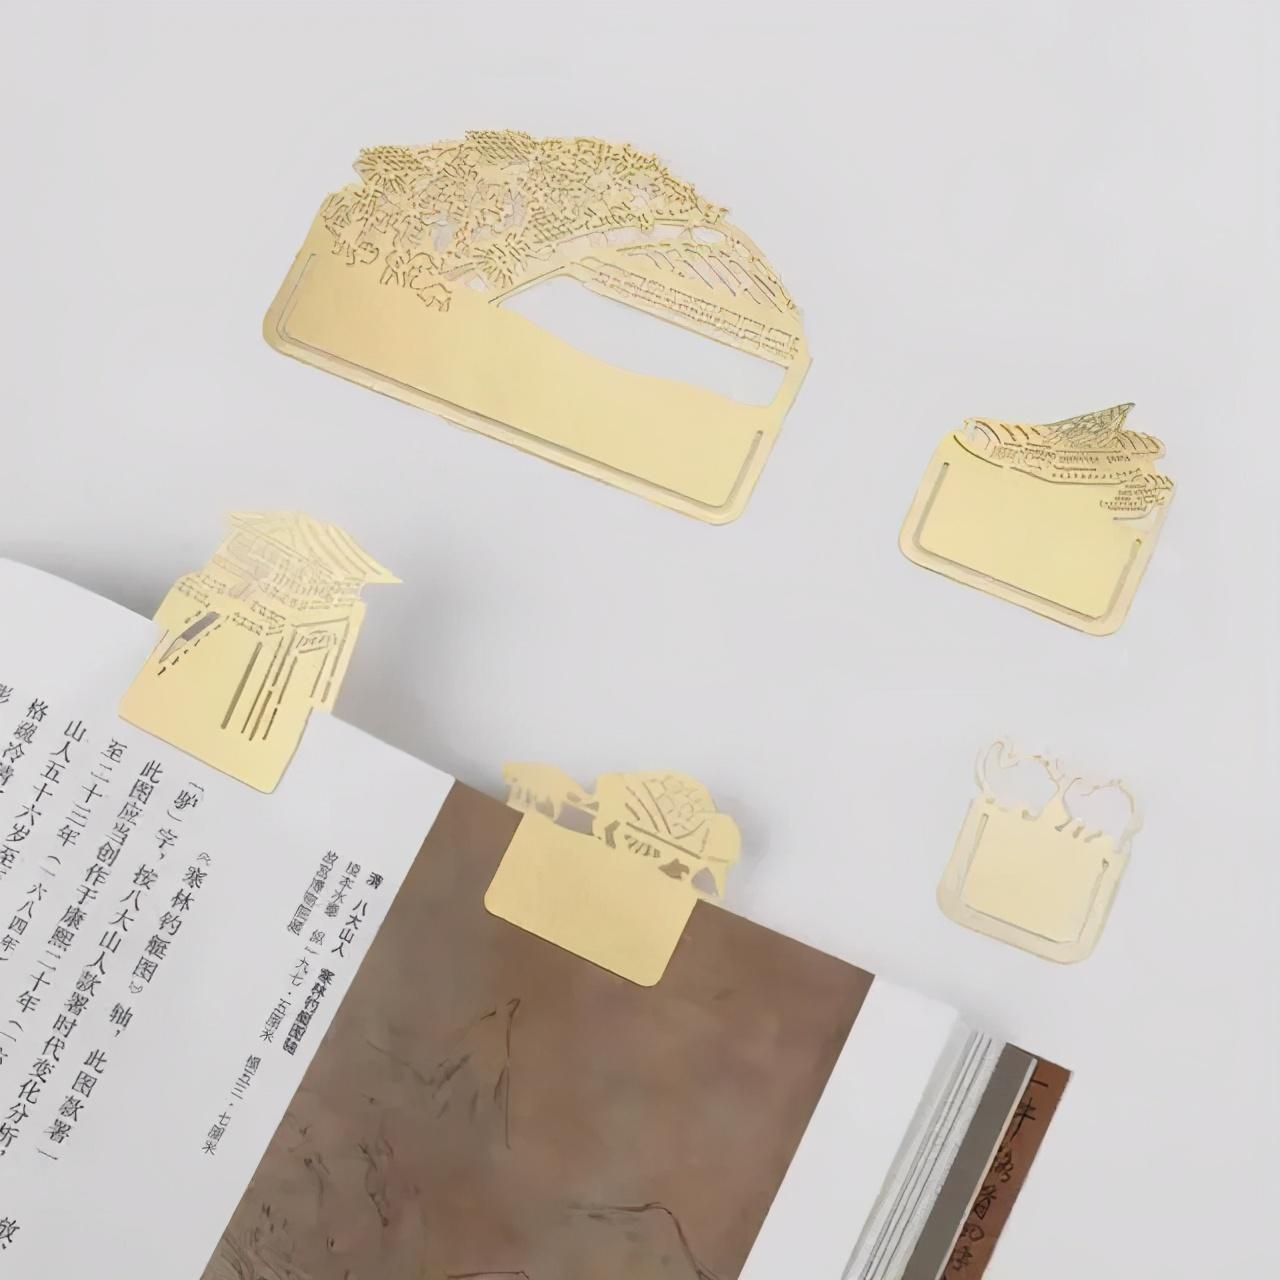 文创产品包装设计如何另辟蹊径?吸引大众眼球?